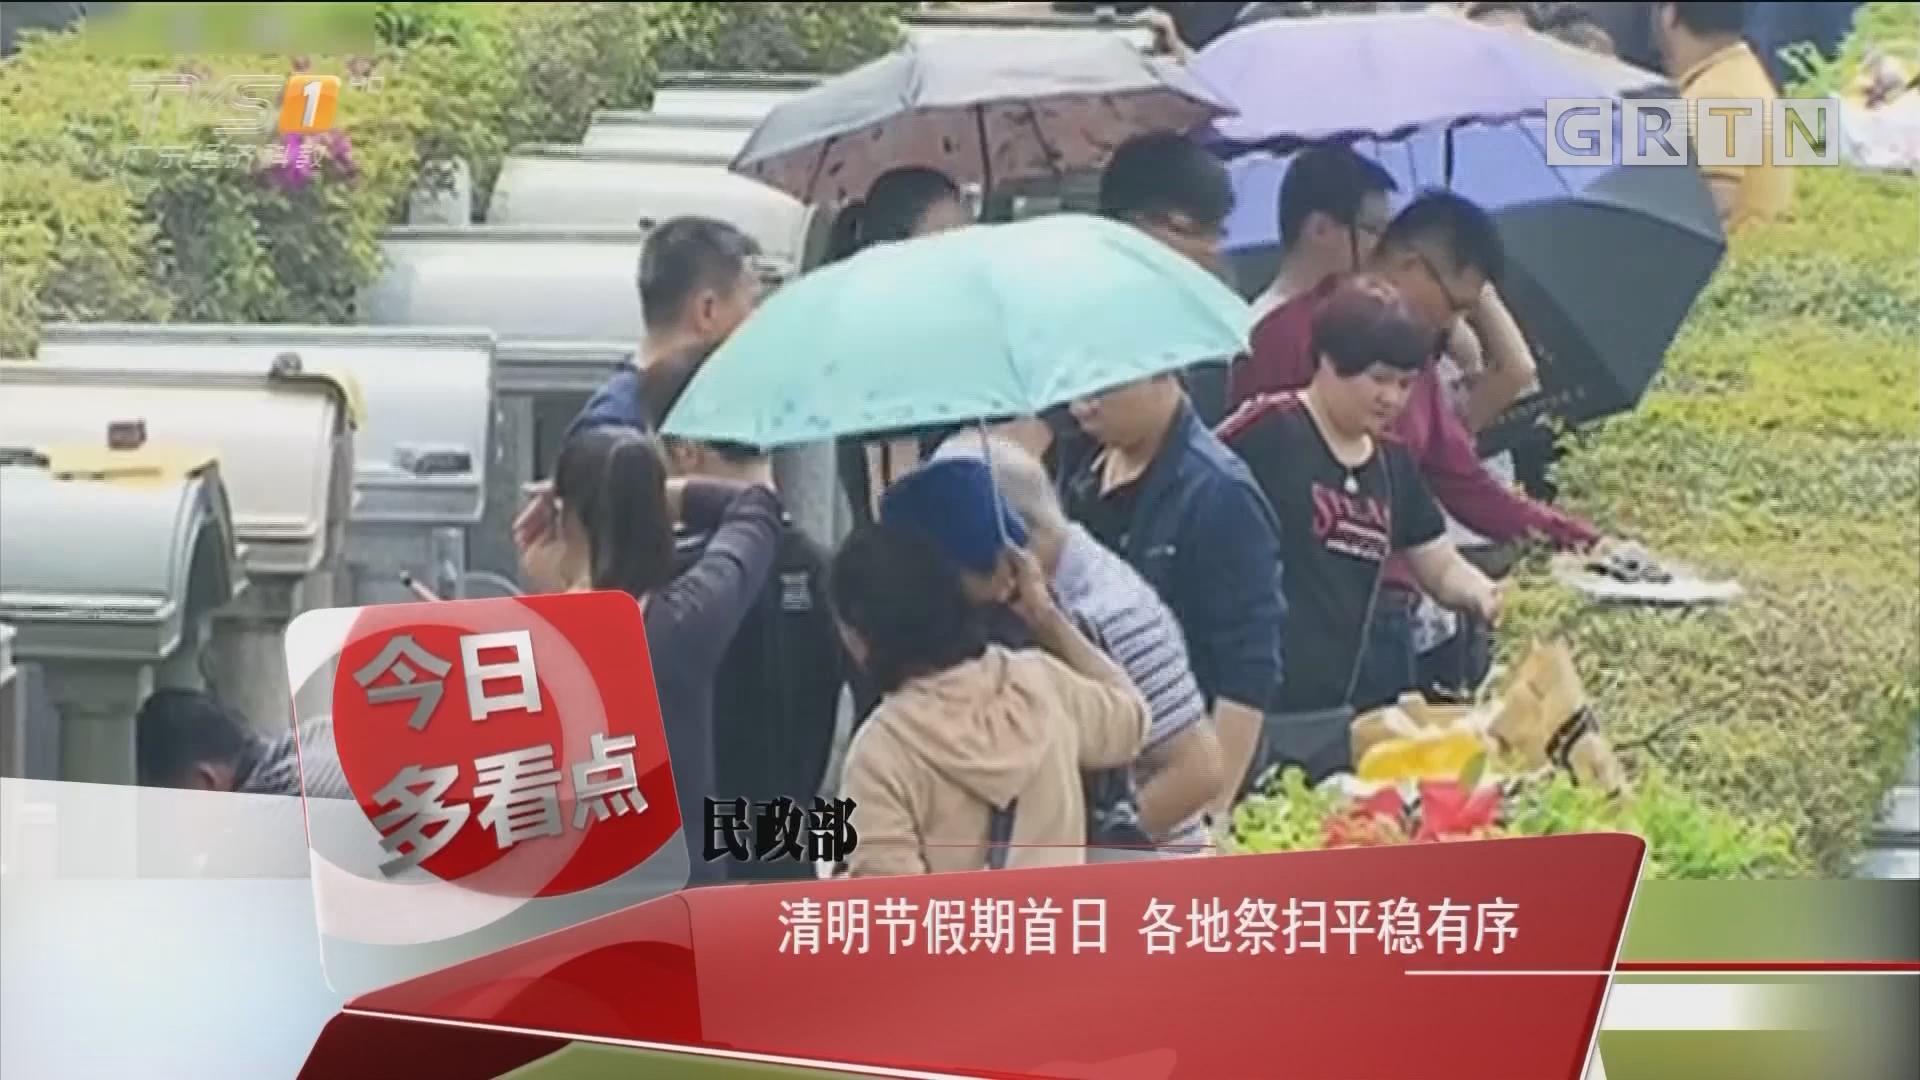 民政部:清明节假期首日 各地祭扫平稳有序